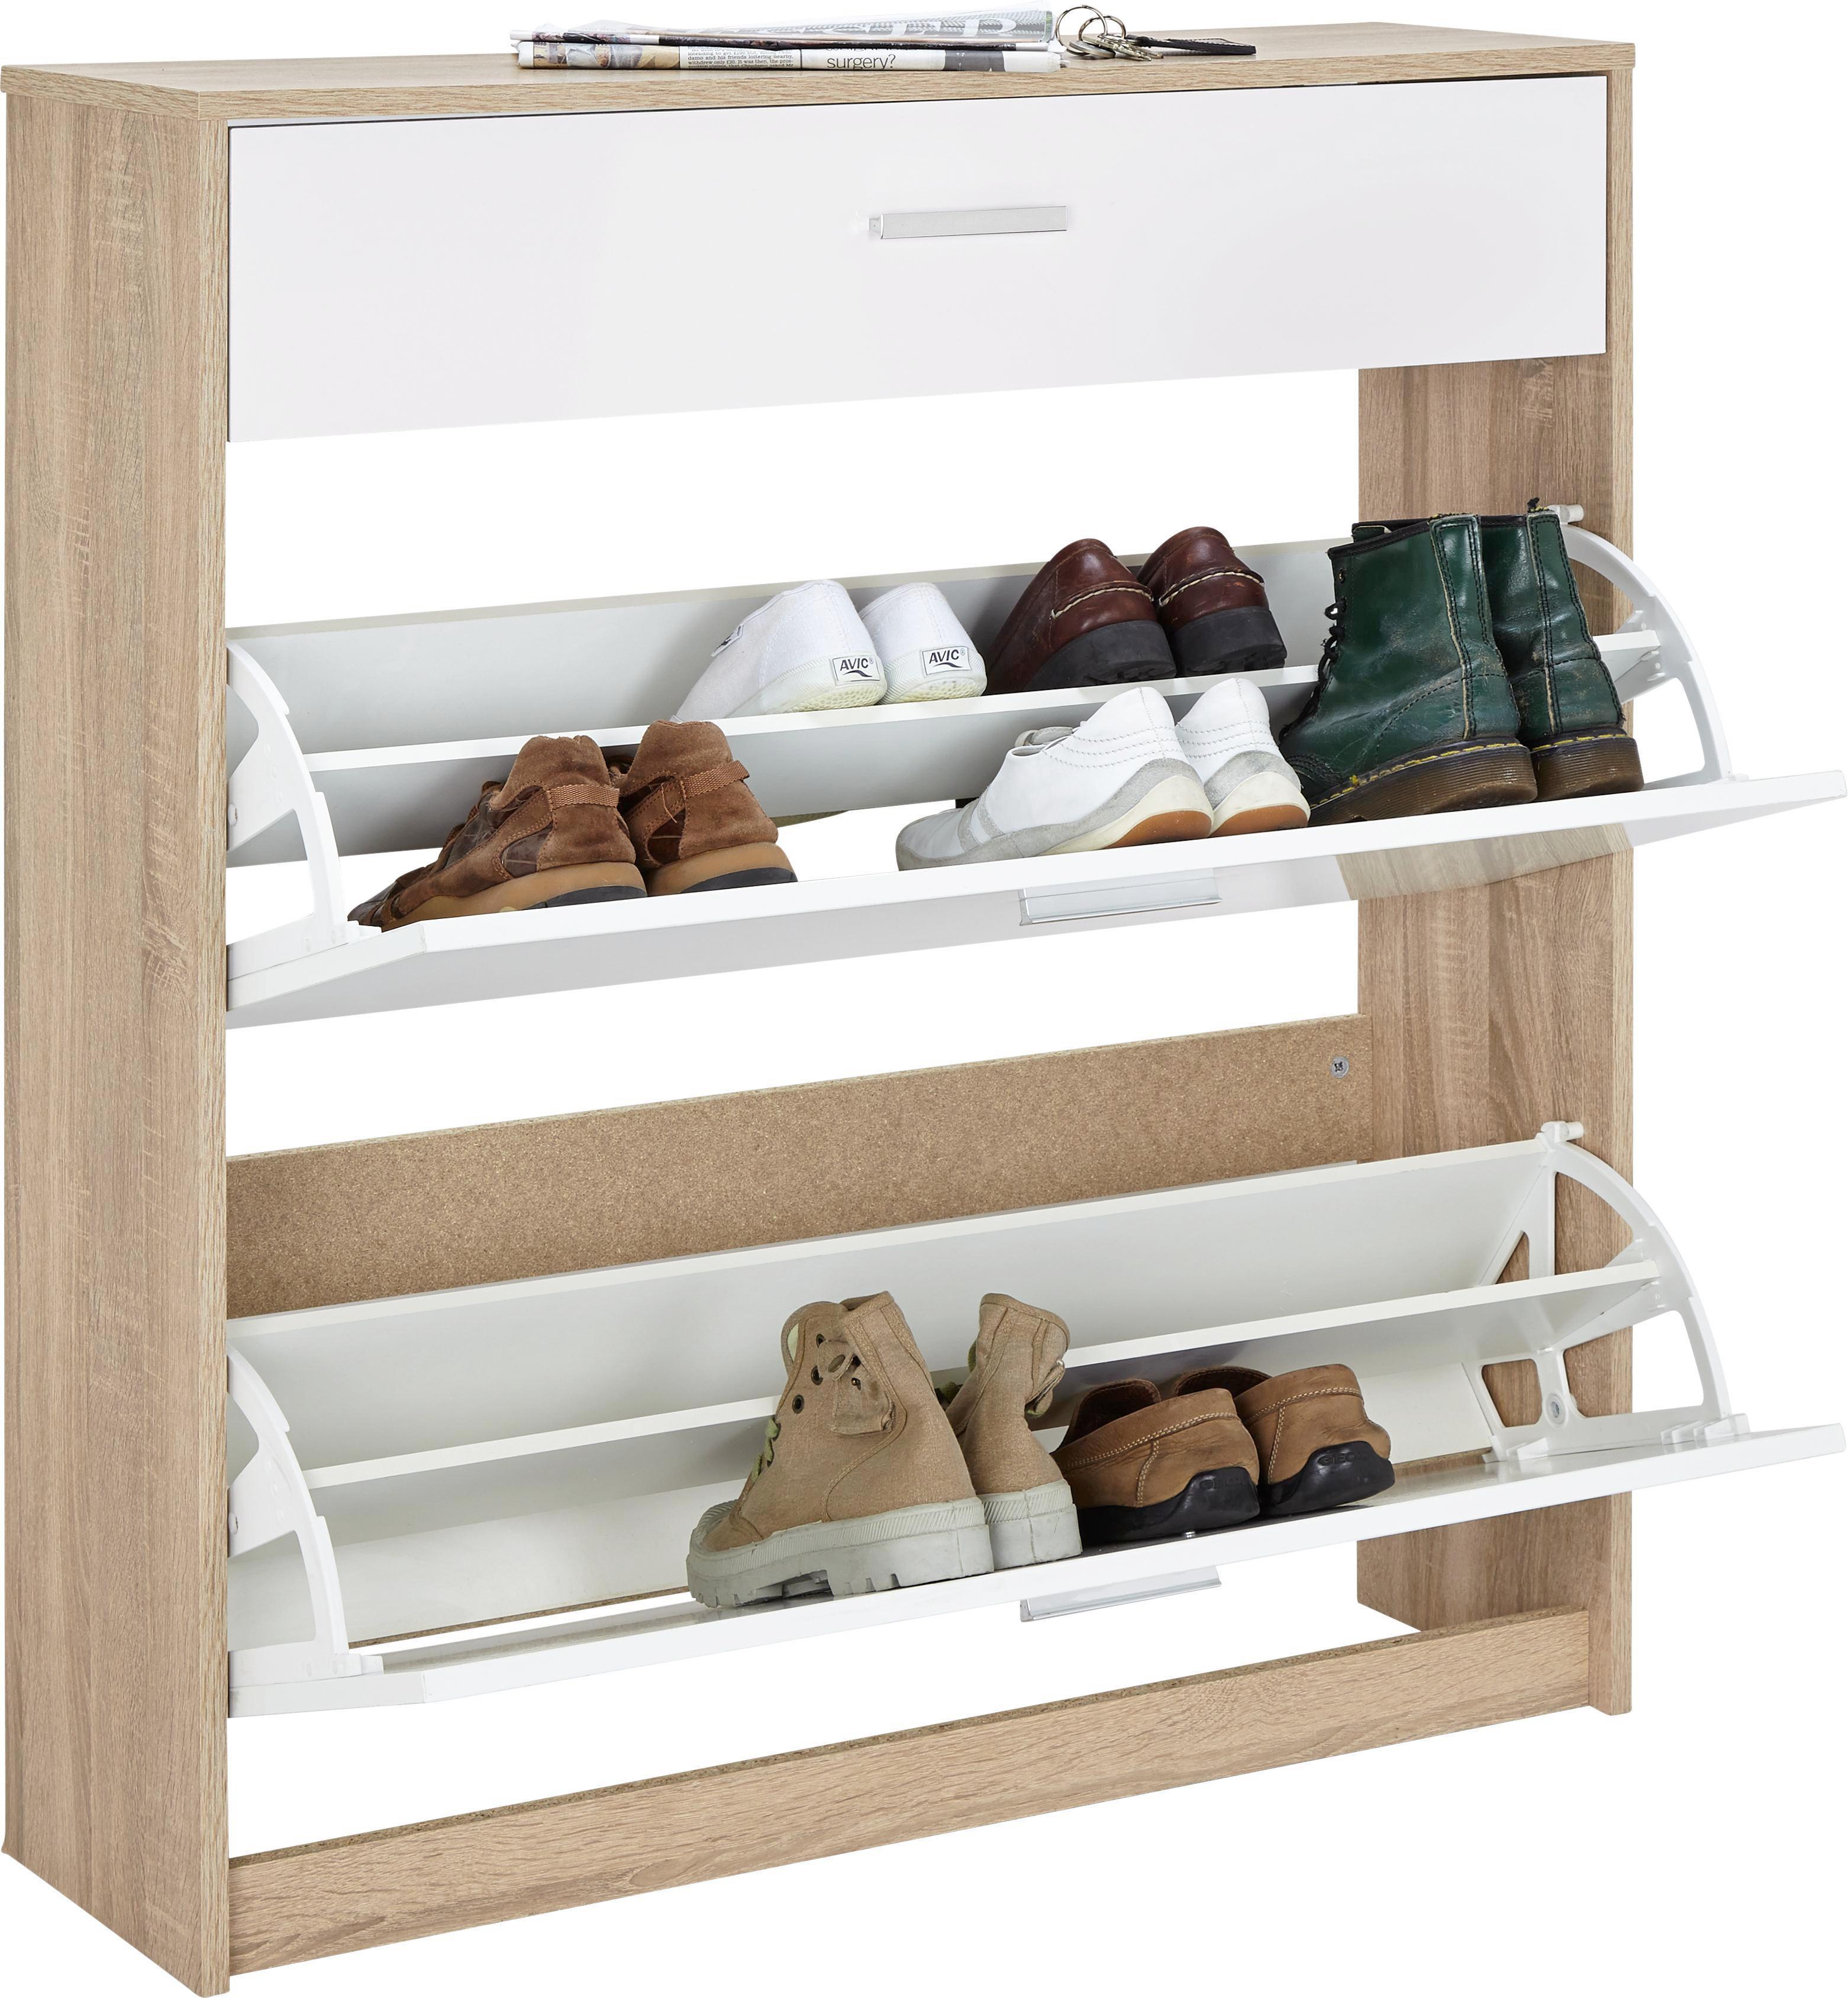 Schuhschrank in Eiche/Weiß - Eichefarben/Weiß, MODERN, Holzwerkstoff/Kunststoff (93,2/103/25cm) - MÖMAX modern living